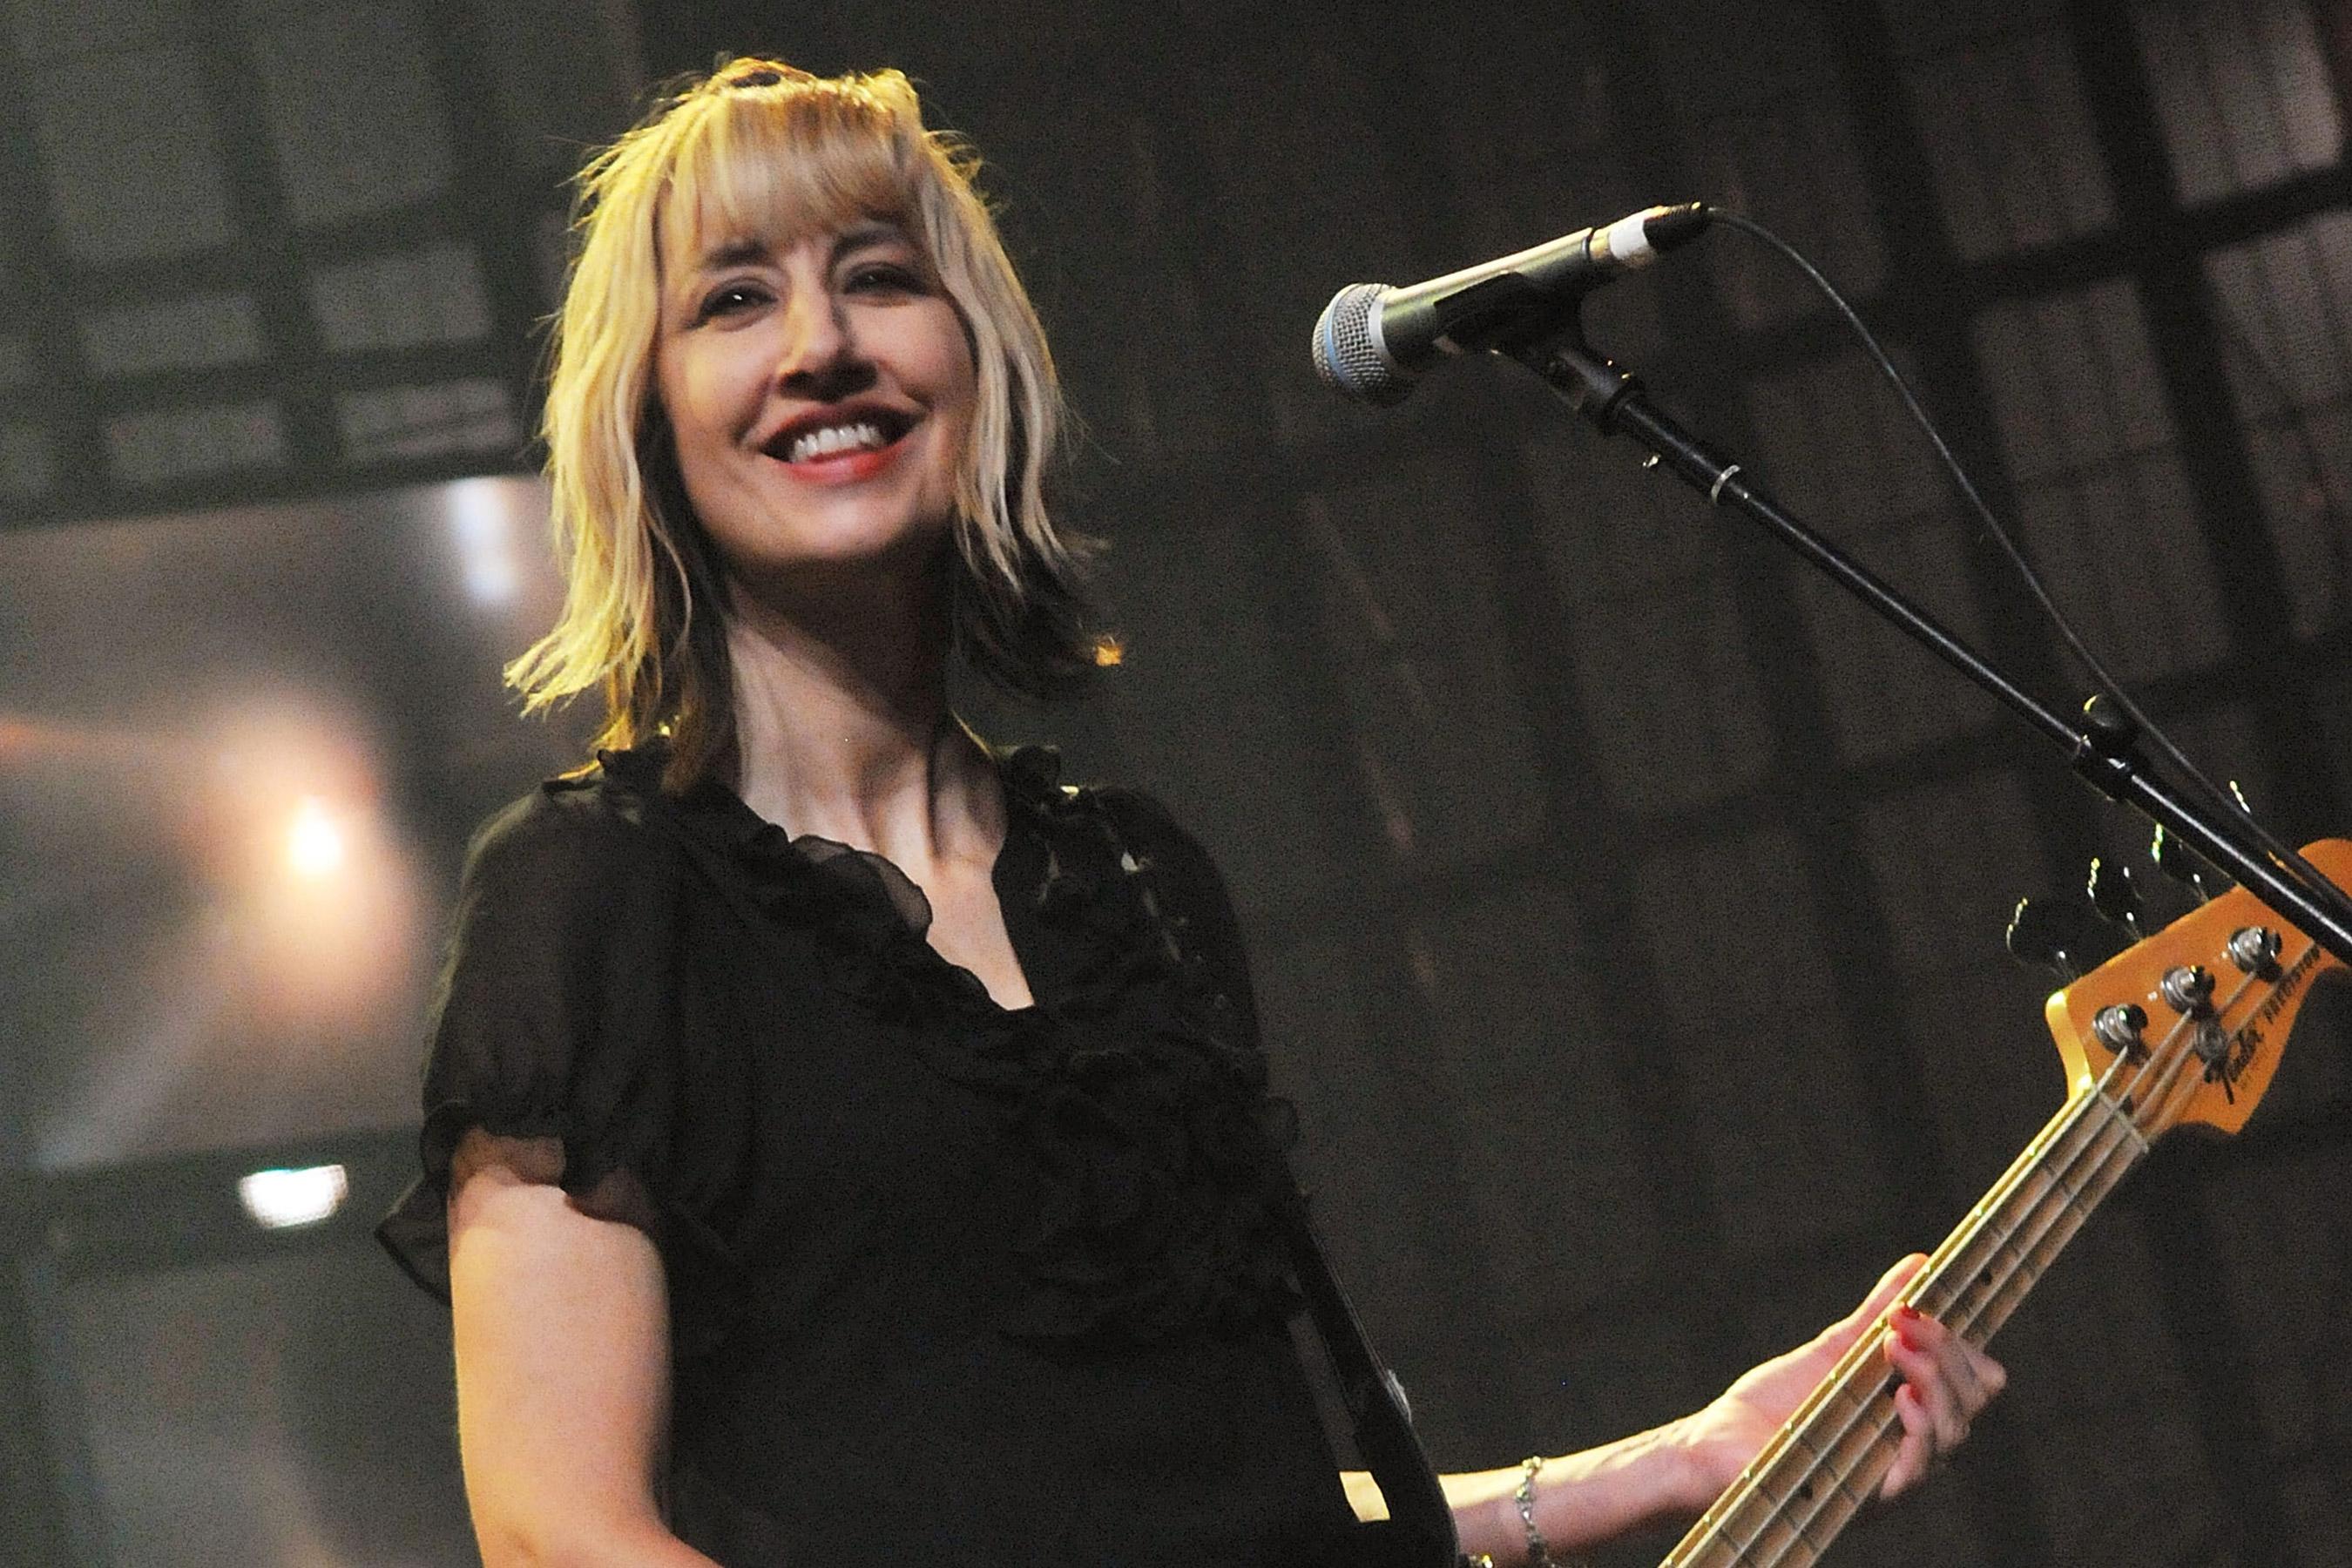 老牌朋克乐队女主唱金·沙塔克去世,生前参与制作新专辑_Muffs